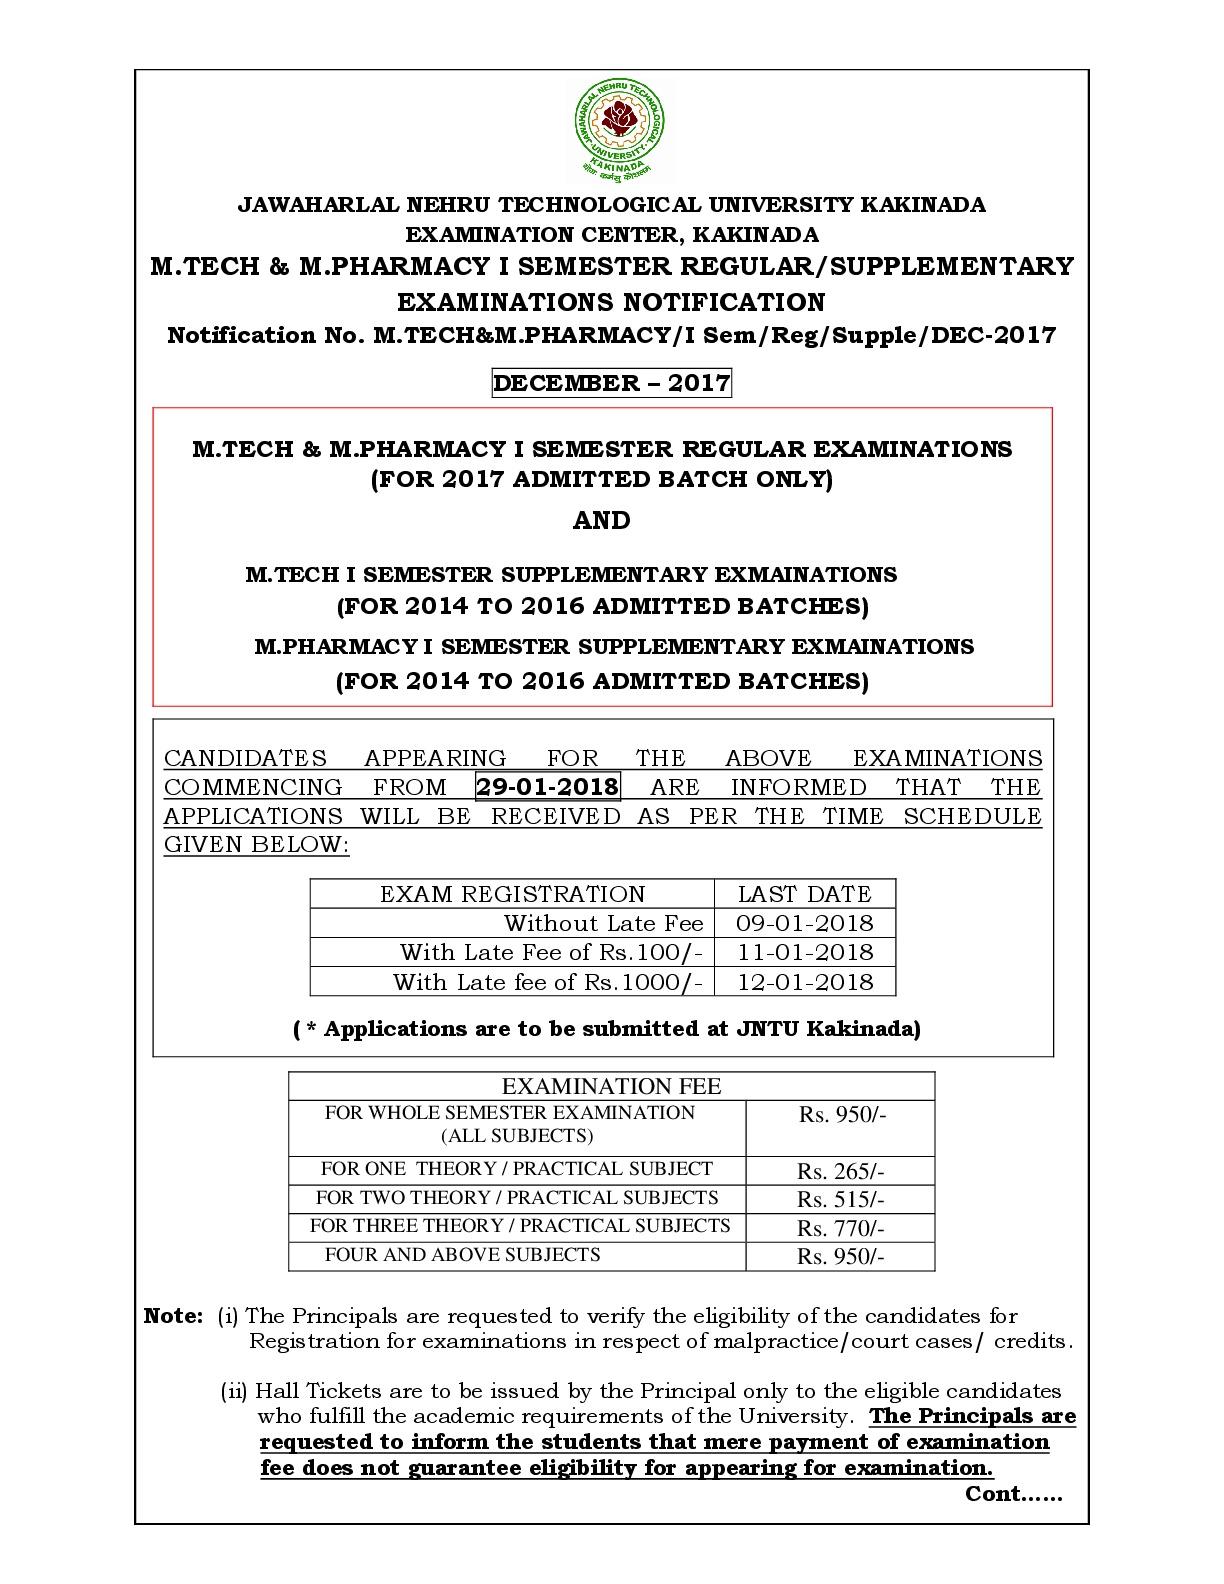 ACET - Aditya College of Engineering & Technology